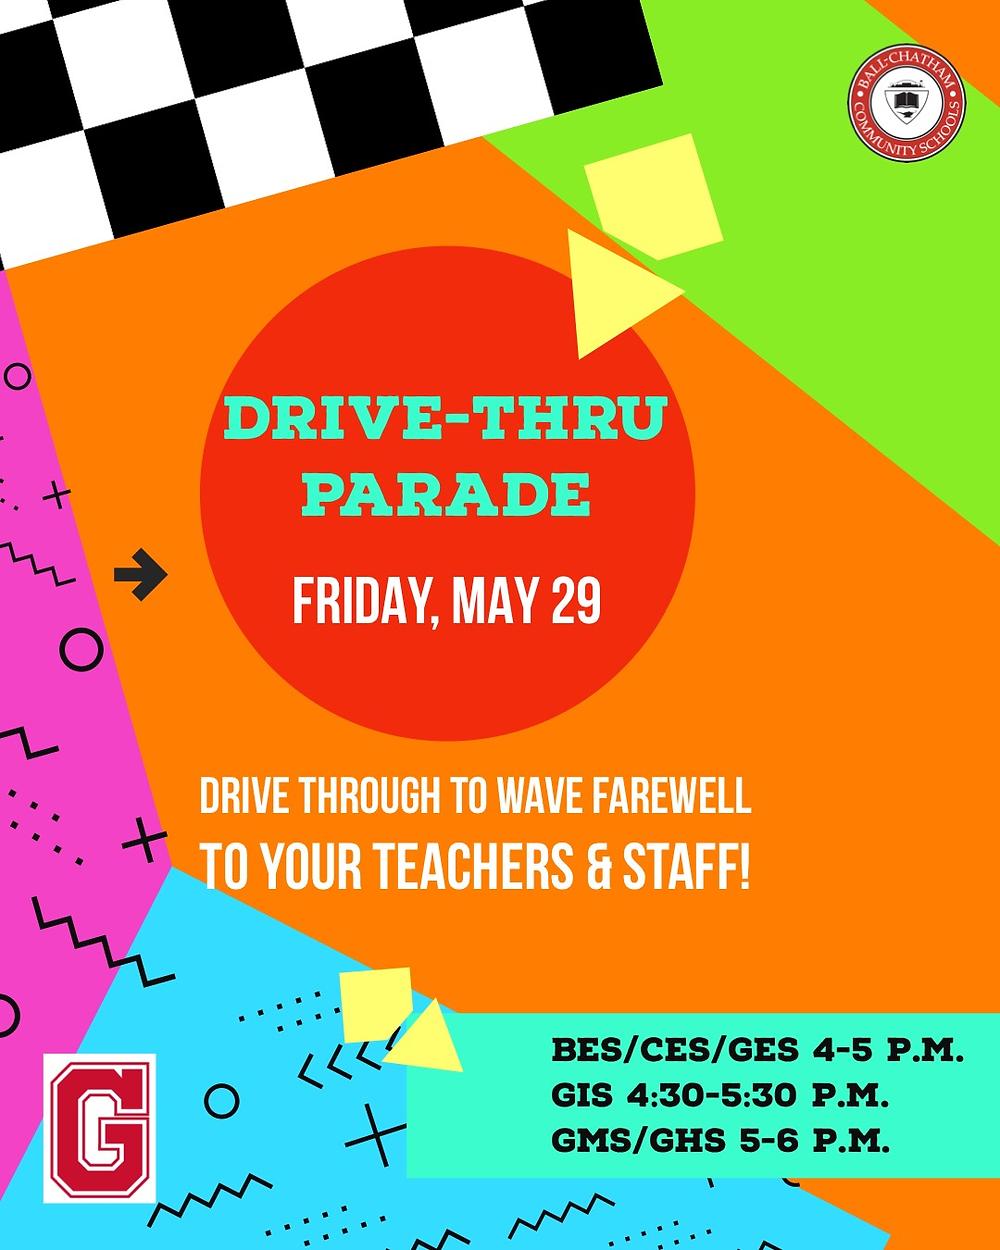 Drive-Thru Farewell Parade flyer